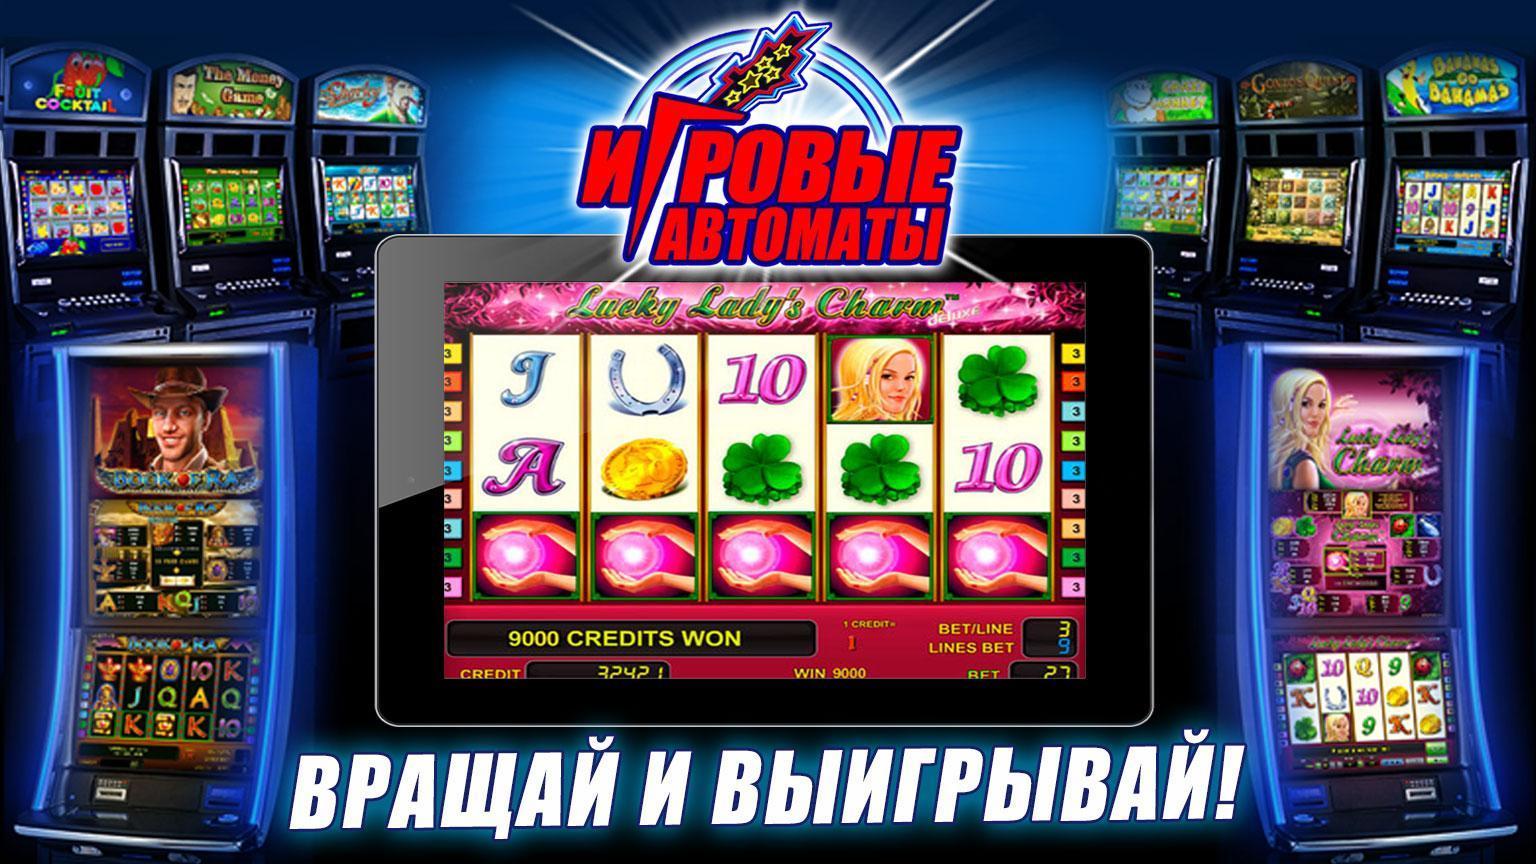 Казино фортуны игровые автоматы онлайн игровые автоматы на рубли